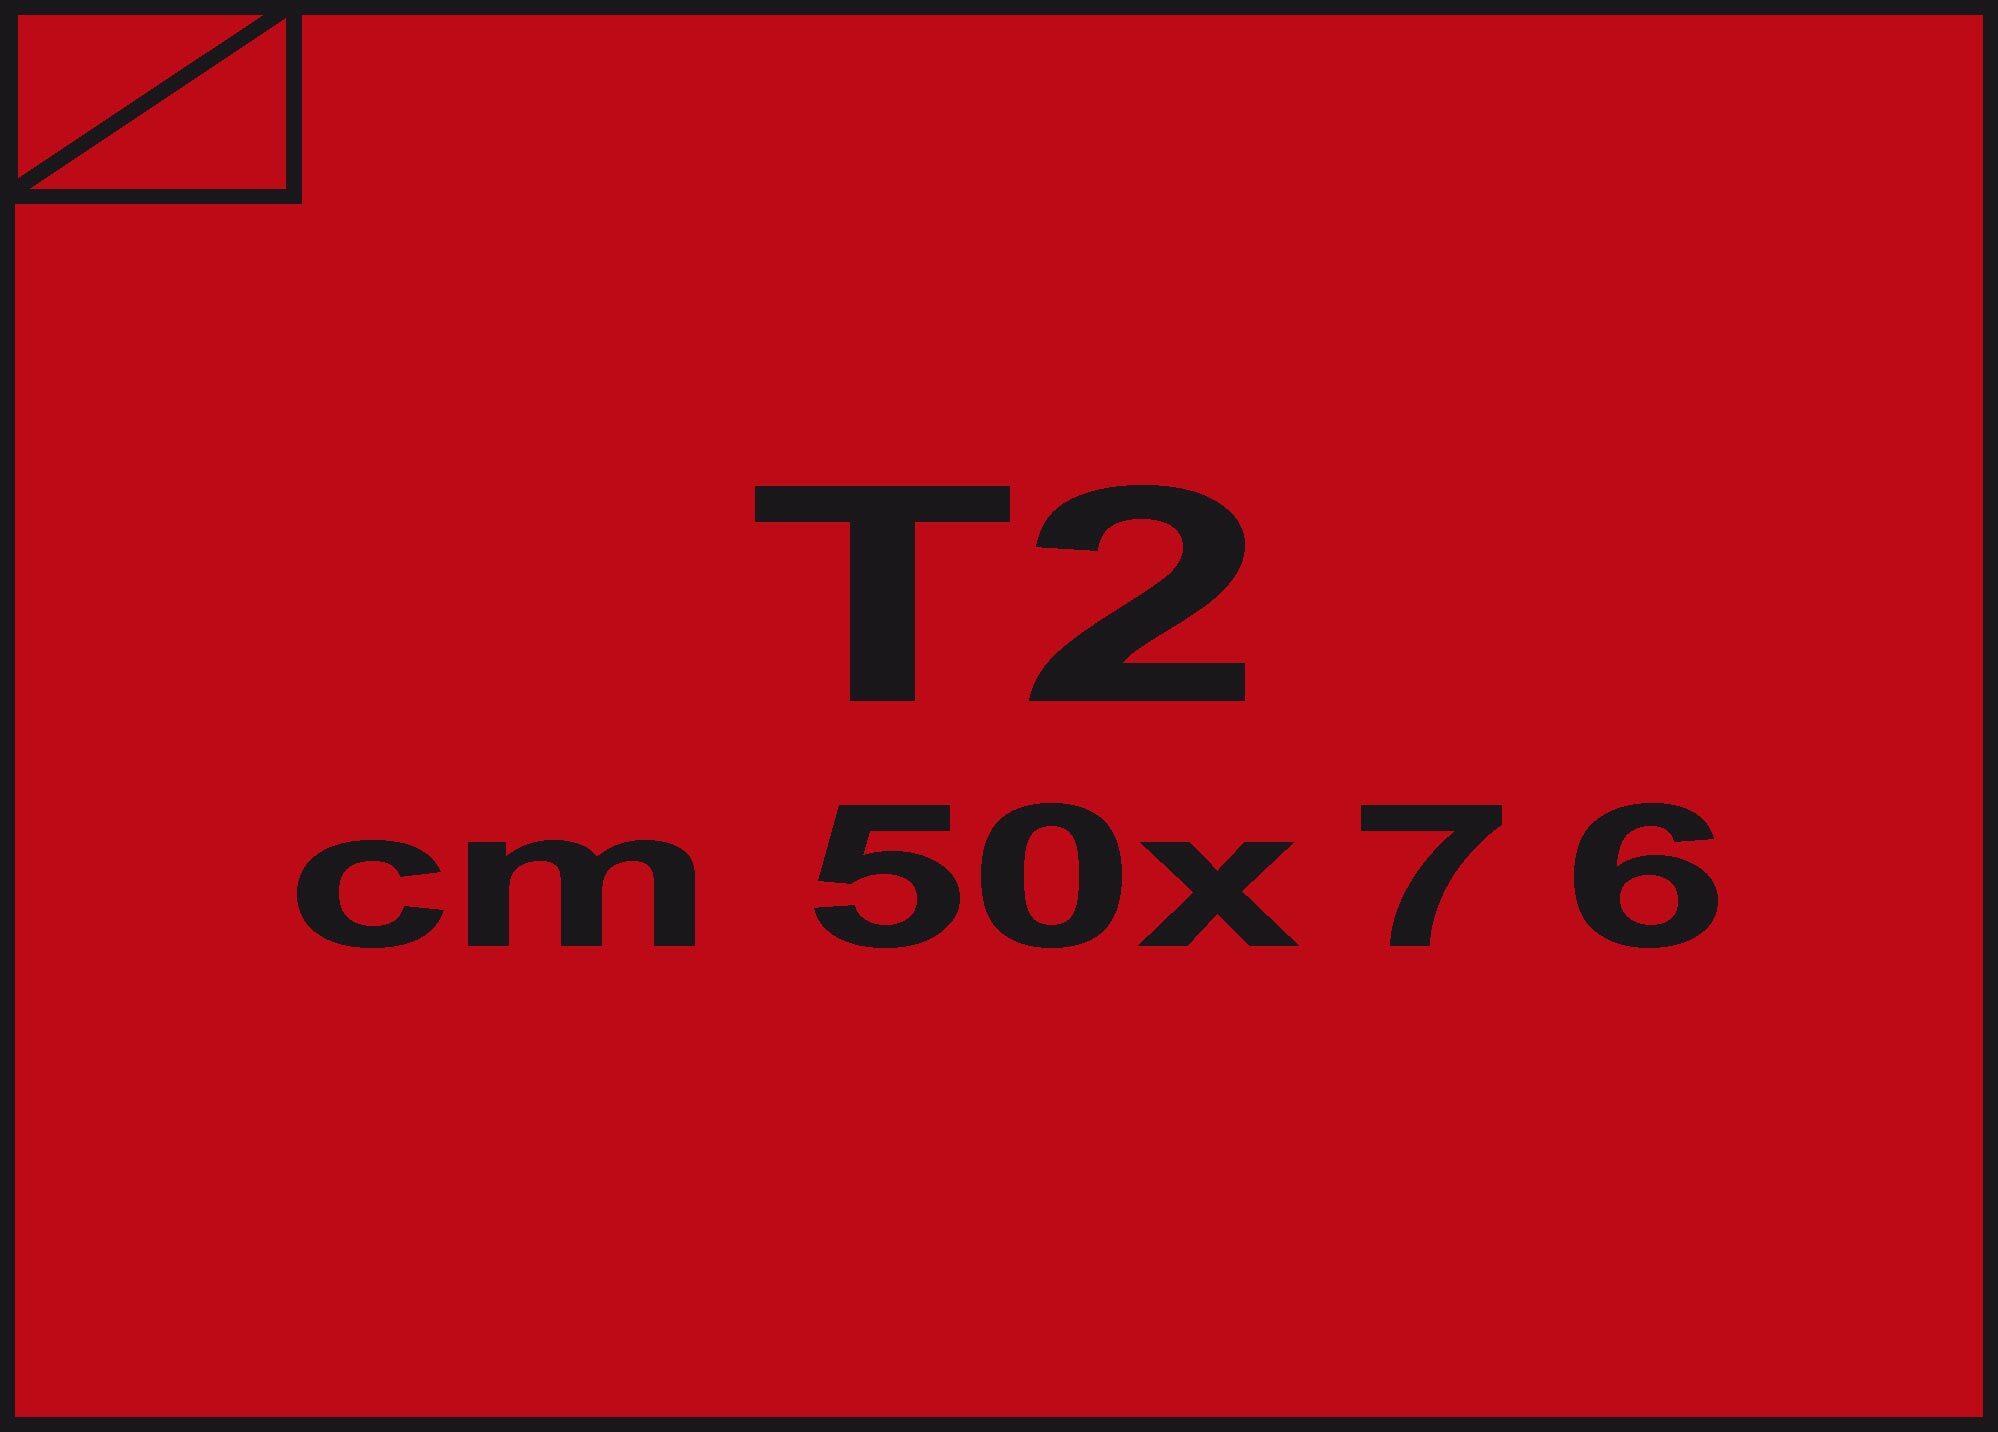 carta Carta velina Rosso indiano 91, formato T2 (50x76cm), 18grammi x mq.